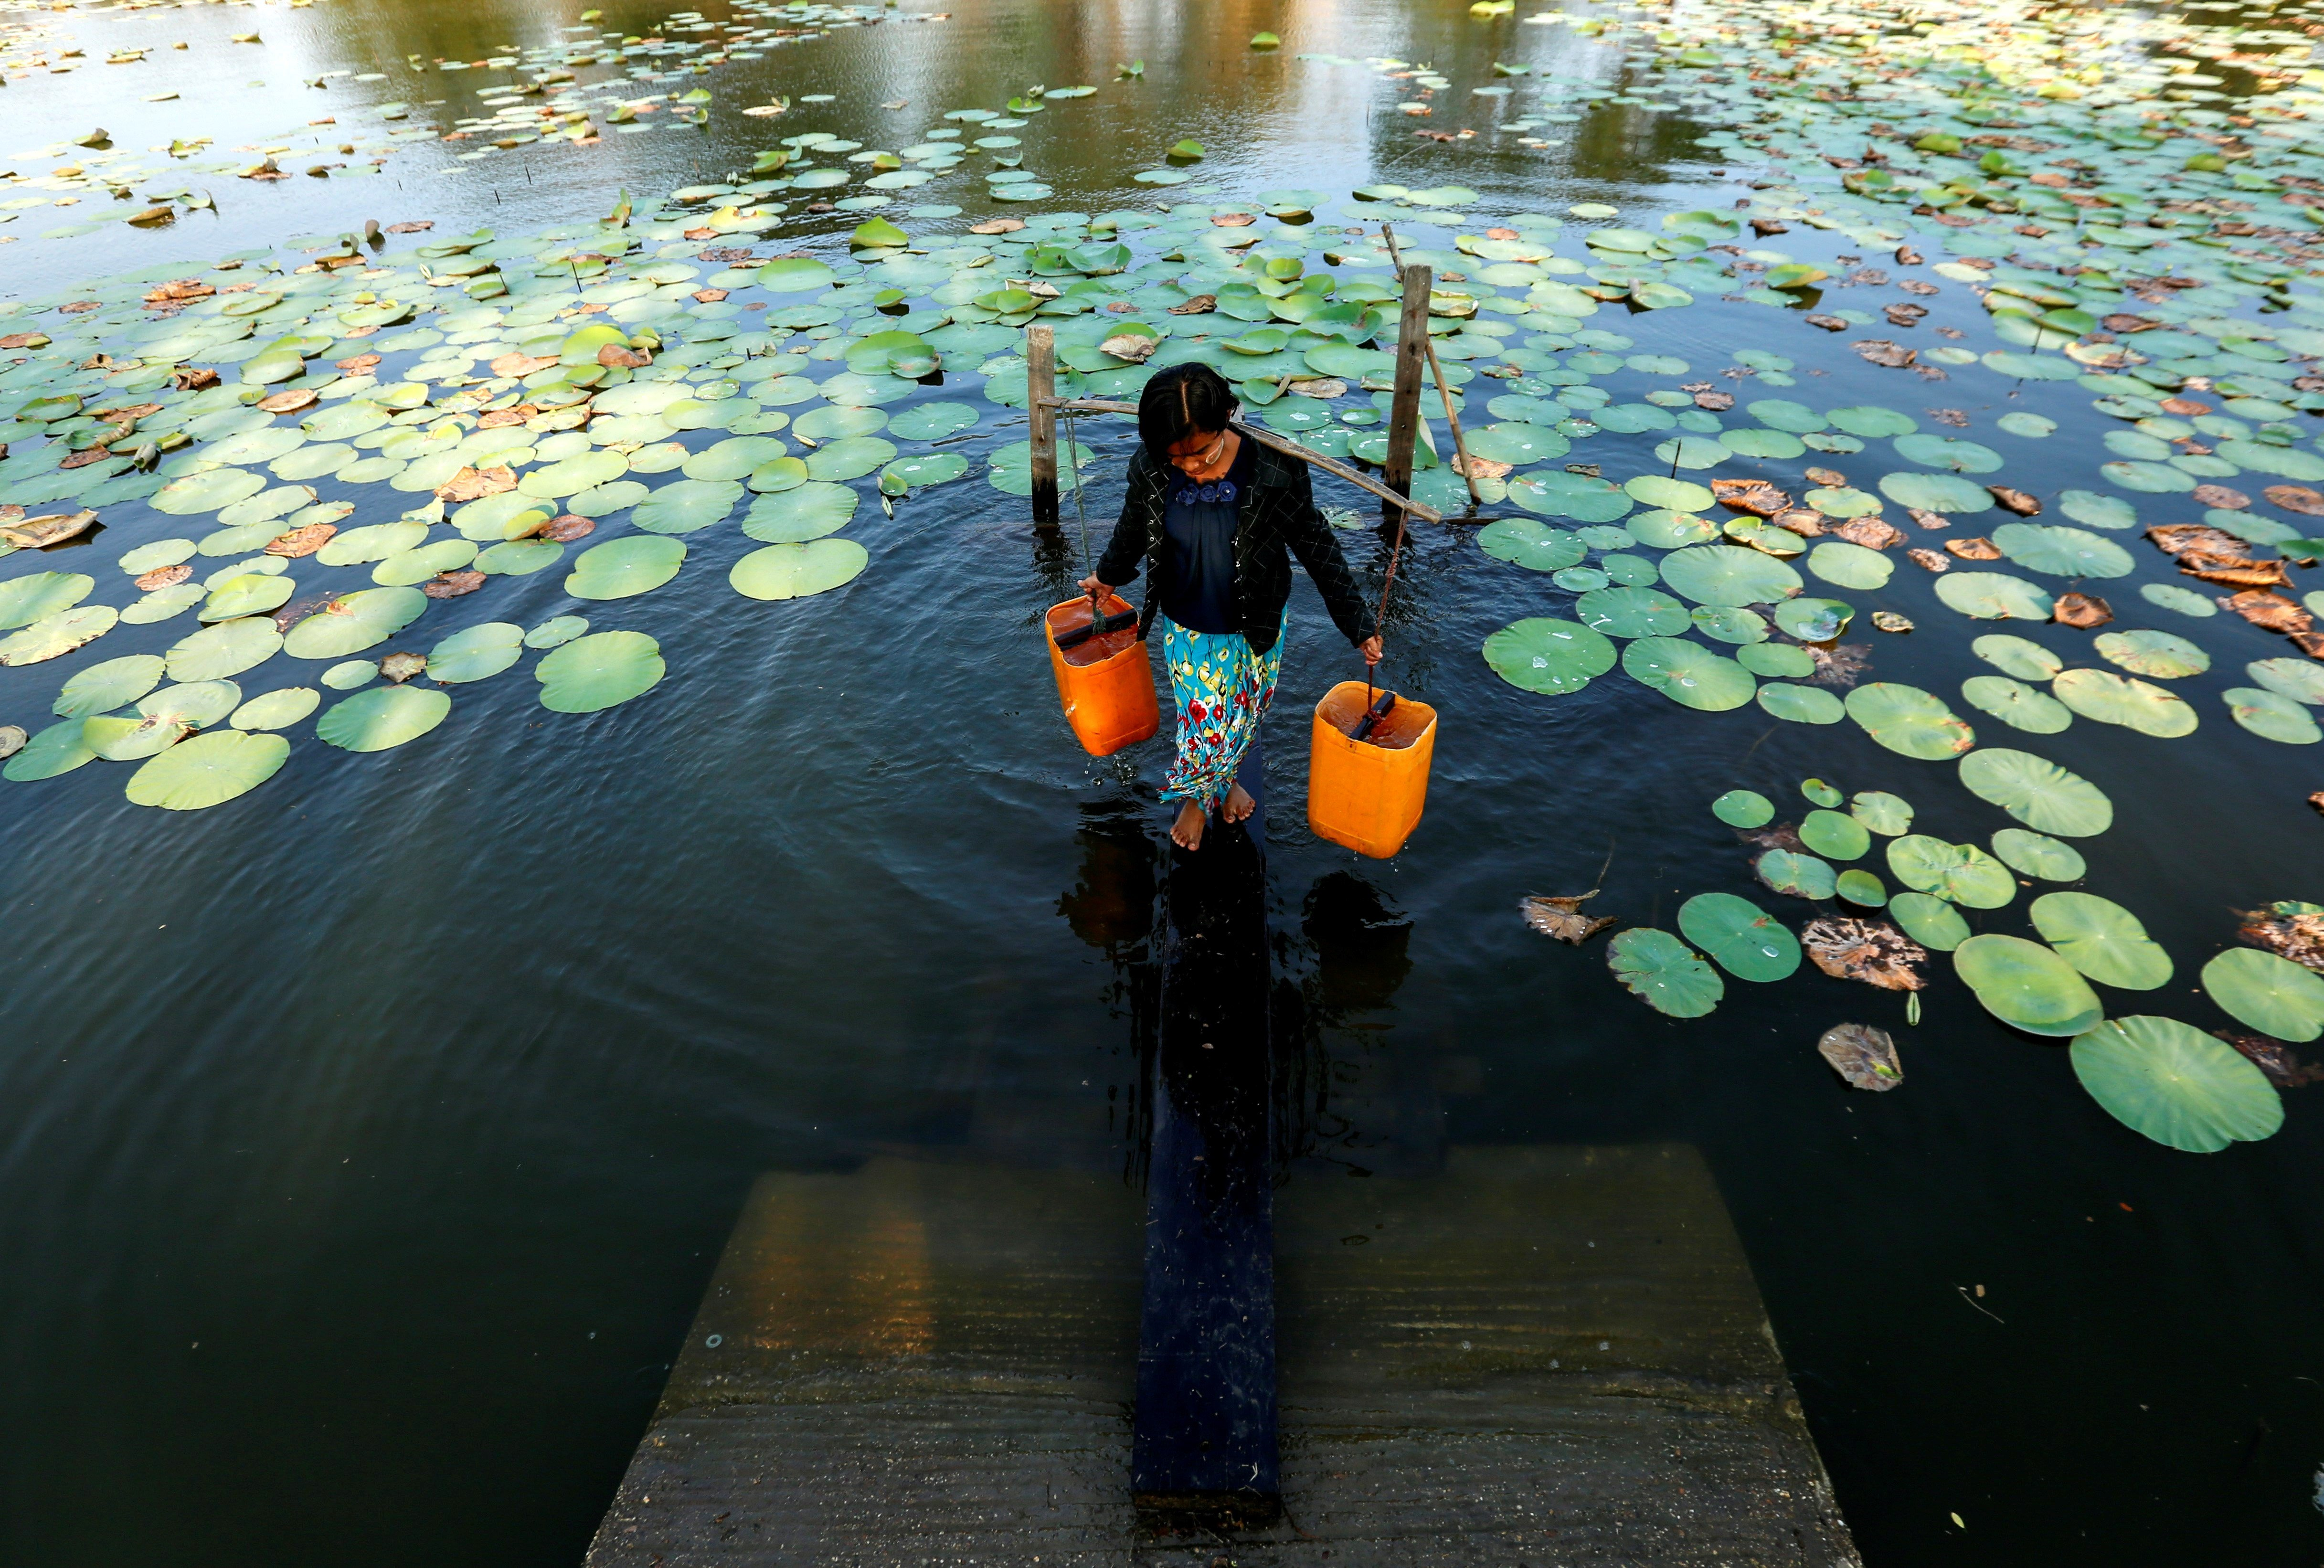 Una dona recull aigua d'un estany a Dala (Birmània) on el sistema de distribució d'aigua és molt limitat. /LYNN BO BO